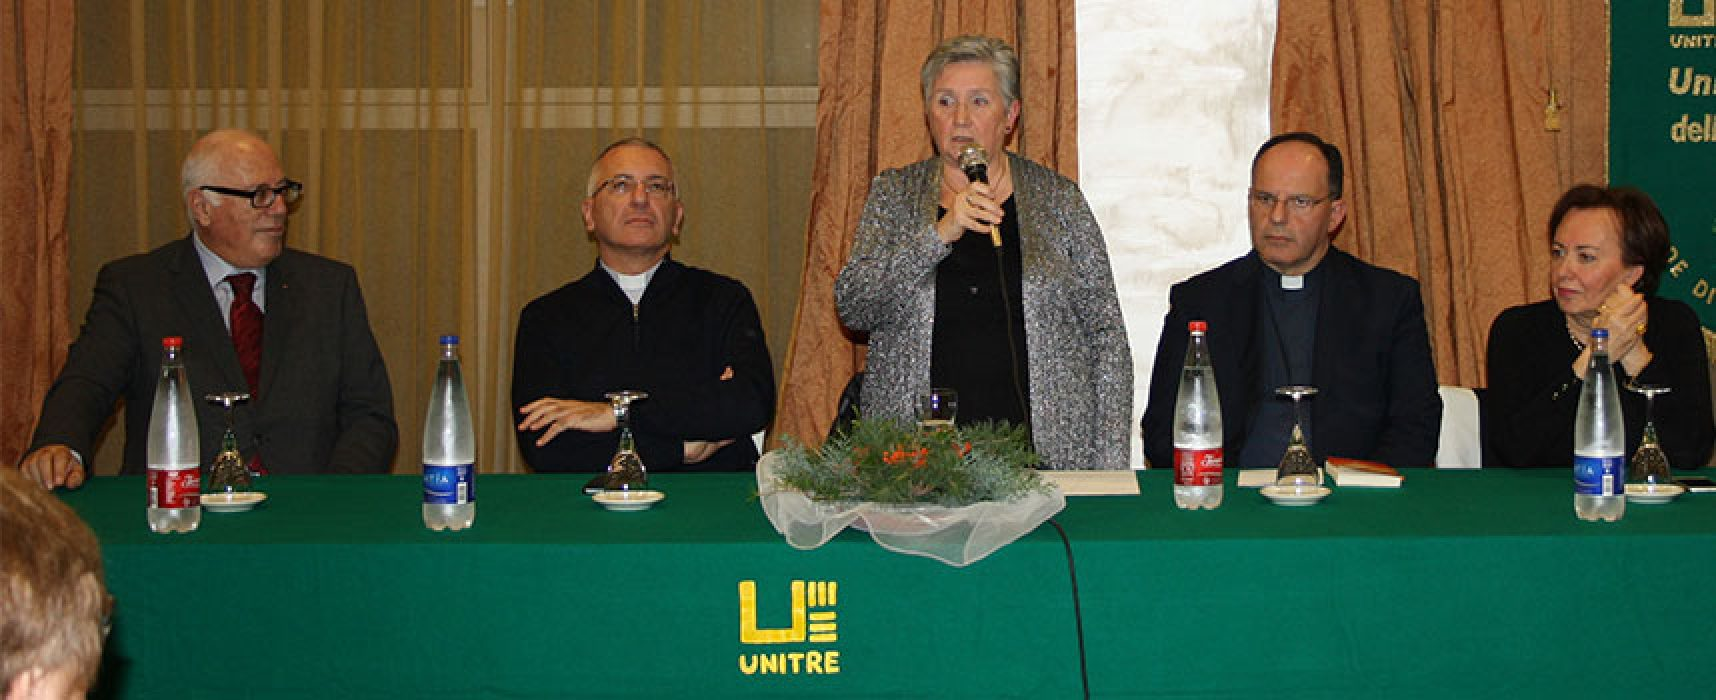 Unitre, cerimonia d'inaugurazione del nuovo anno associativo con Monsignor D'Ascenzo